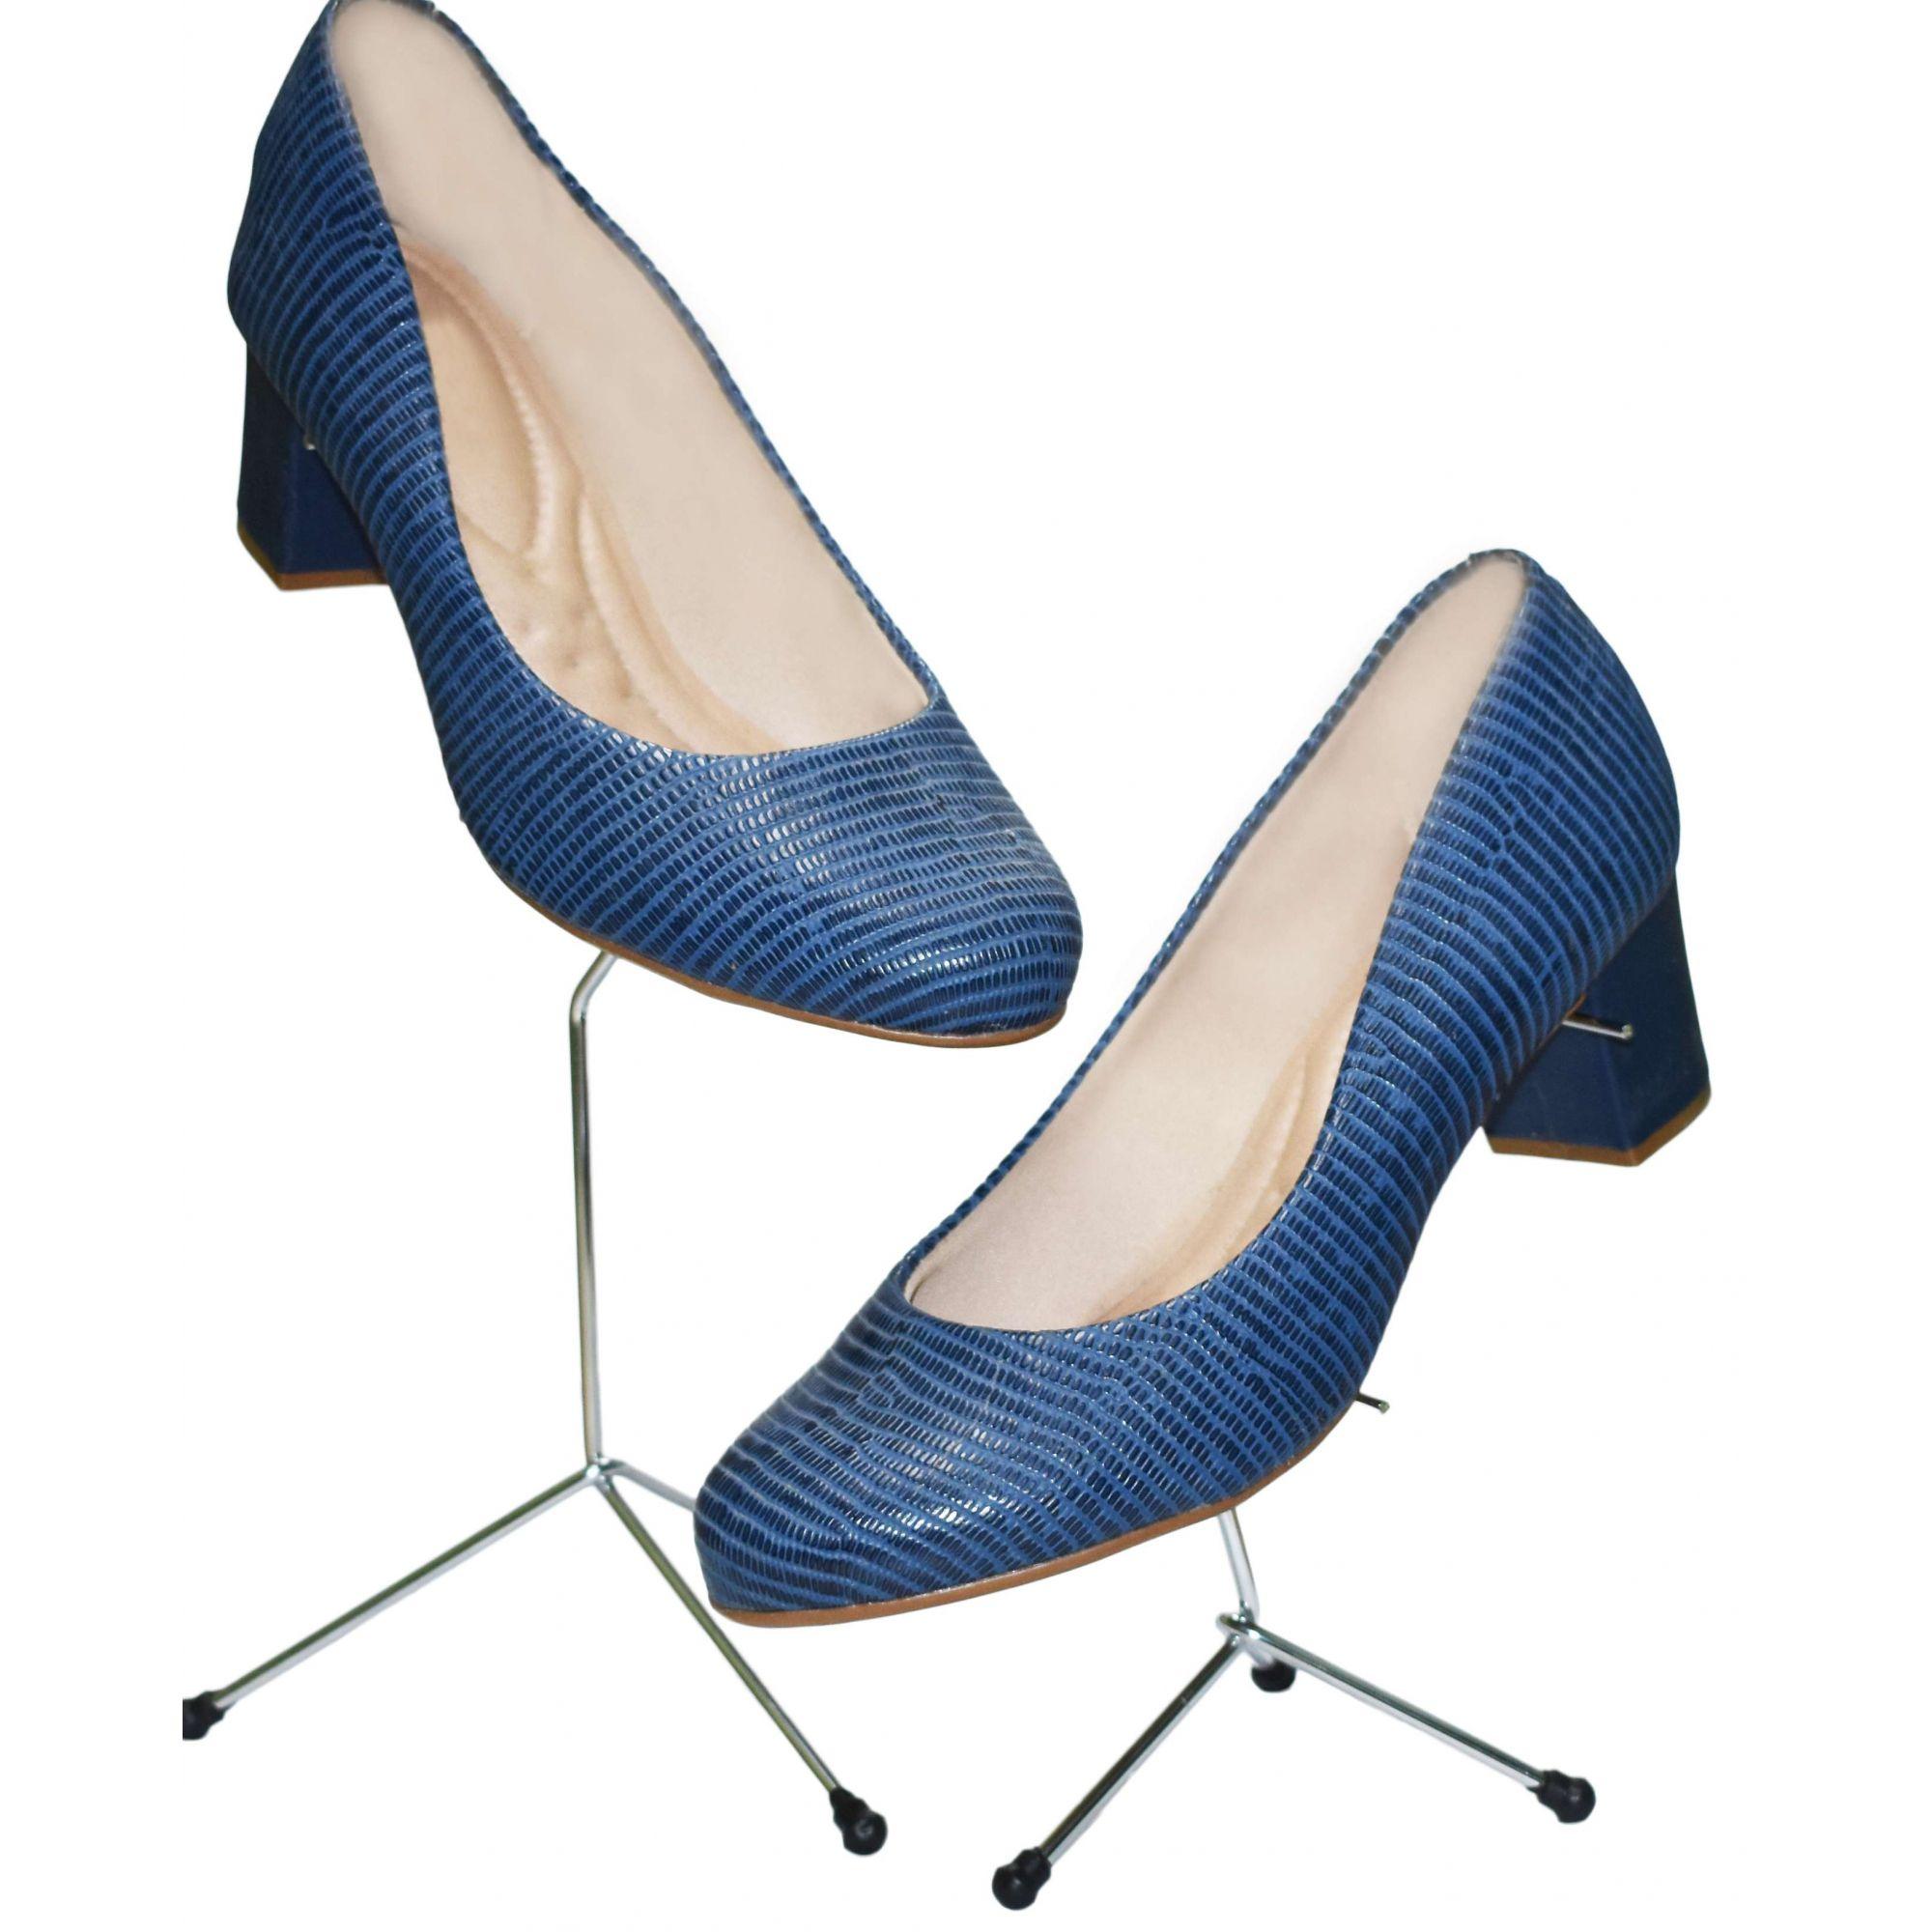 Expositor Pé de Galinha p/ Calçados 20cm Cromado